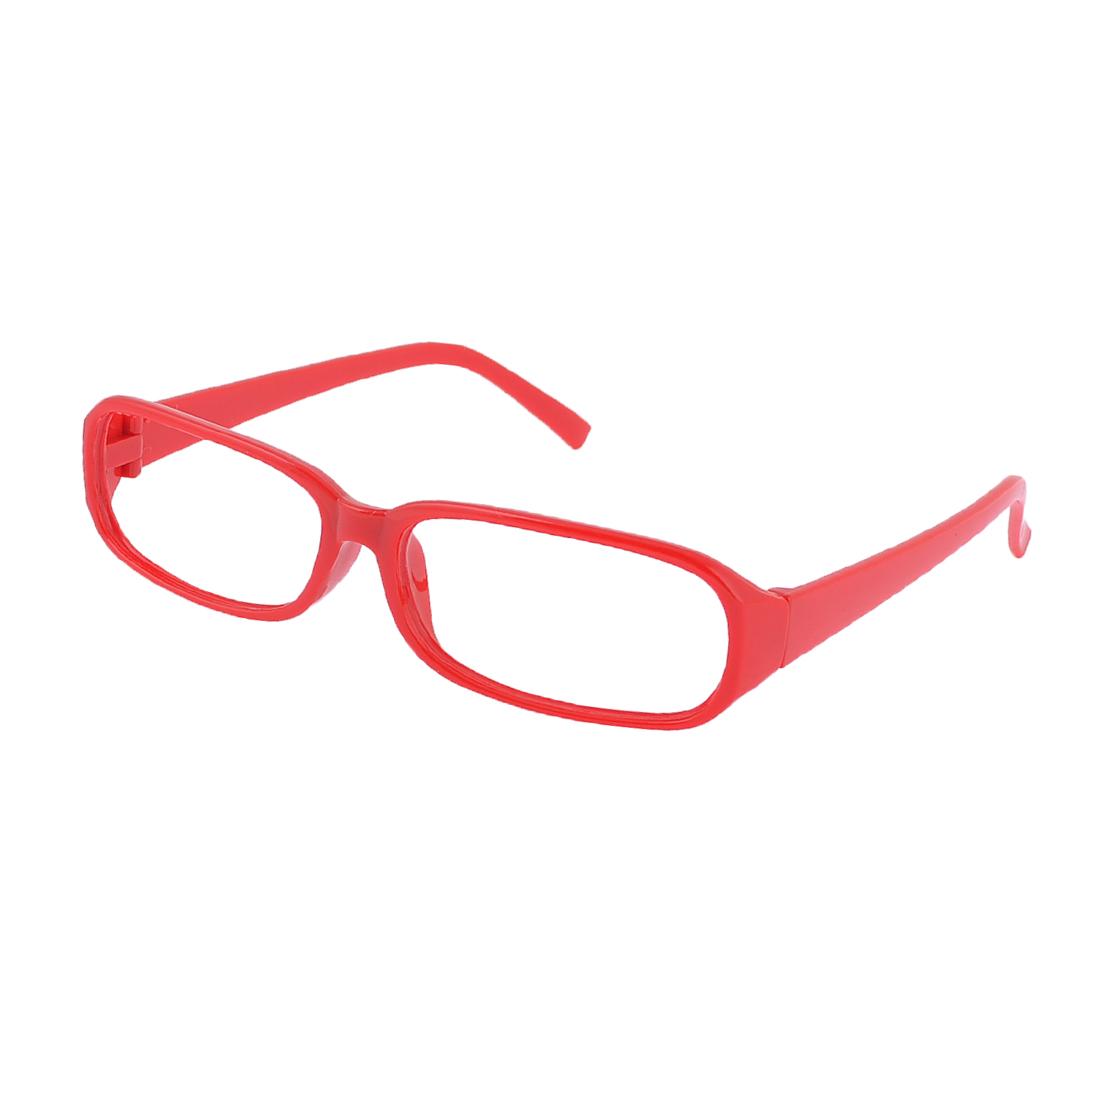 Red Plastic Full Rim No Lens Eyeglasses Glasses Frame for Woman